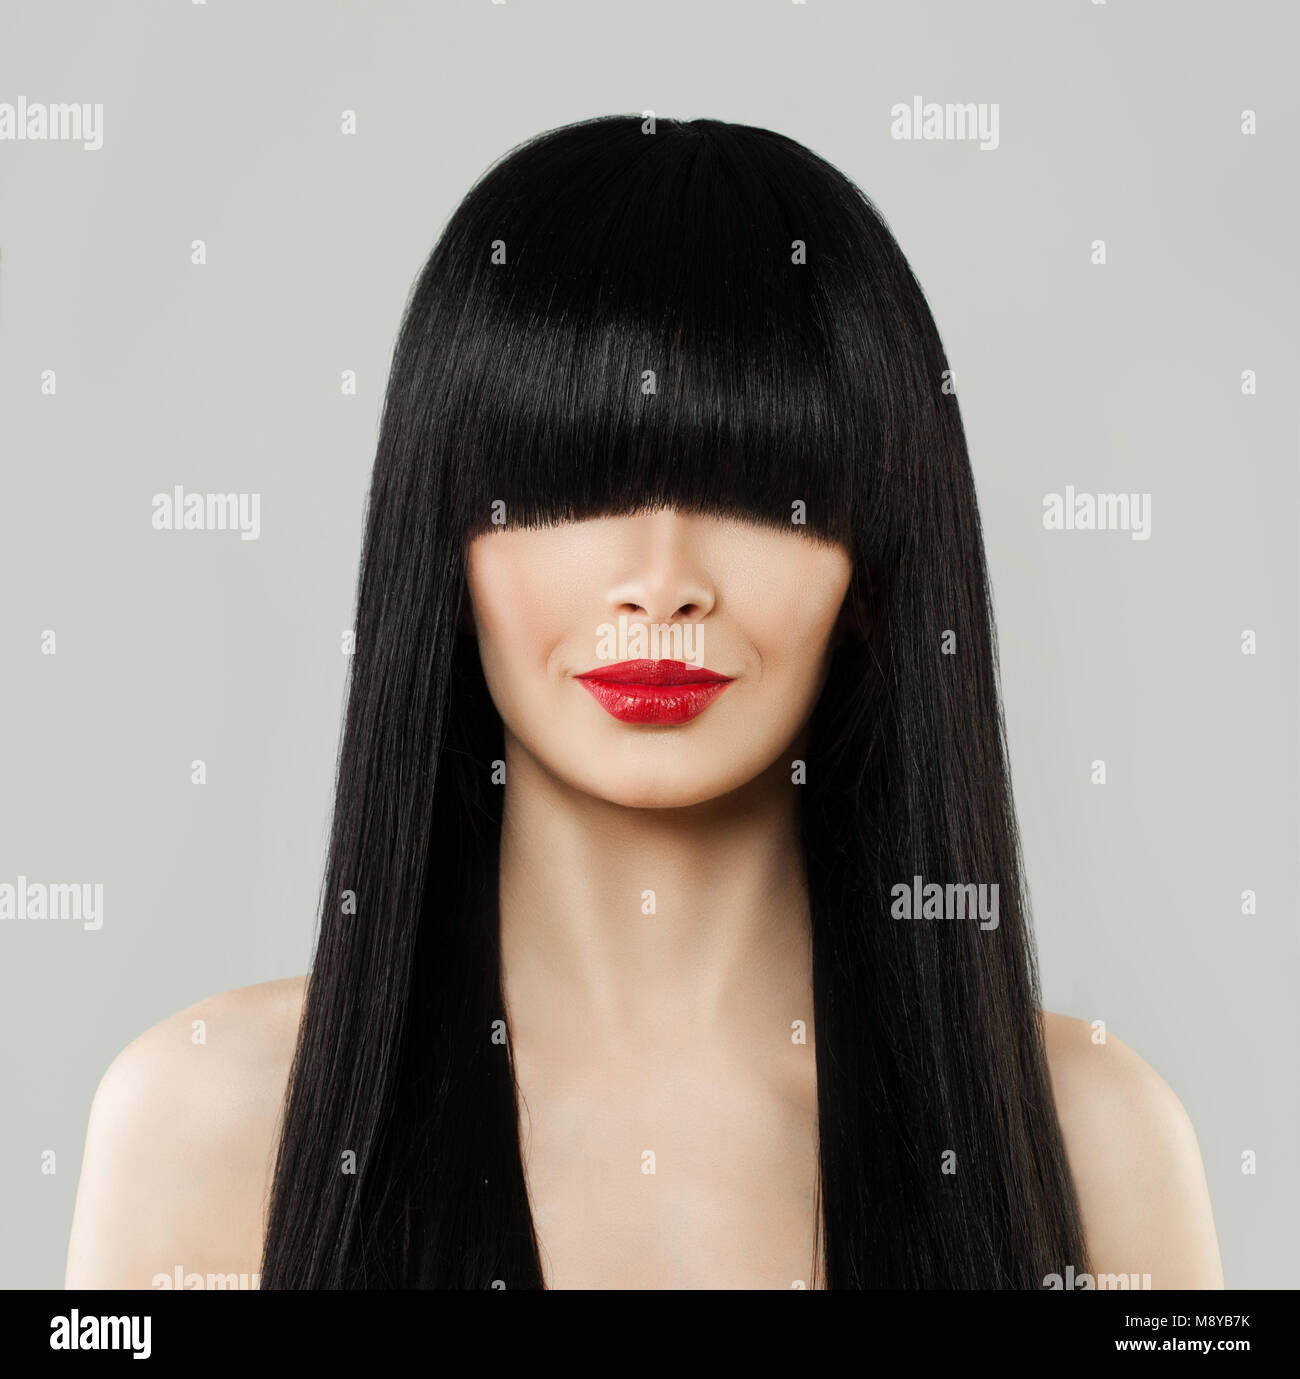 Schöne Frisur Frau Porträt. Modell Mädchen mit langen schwarzen